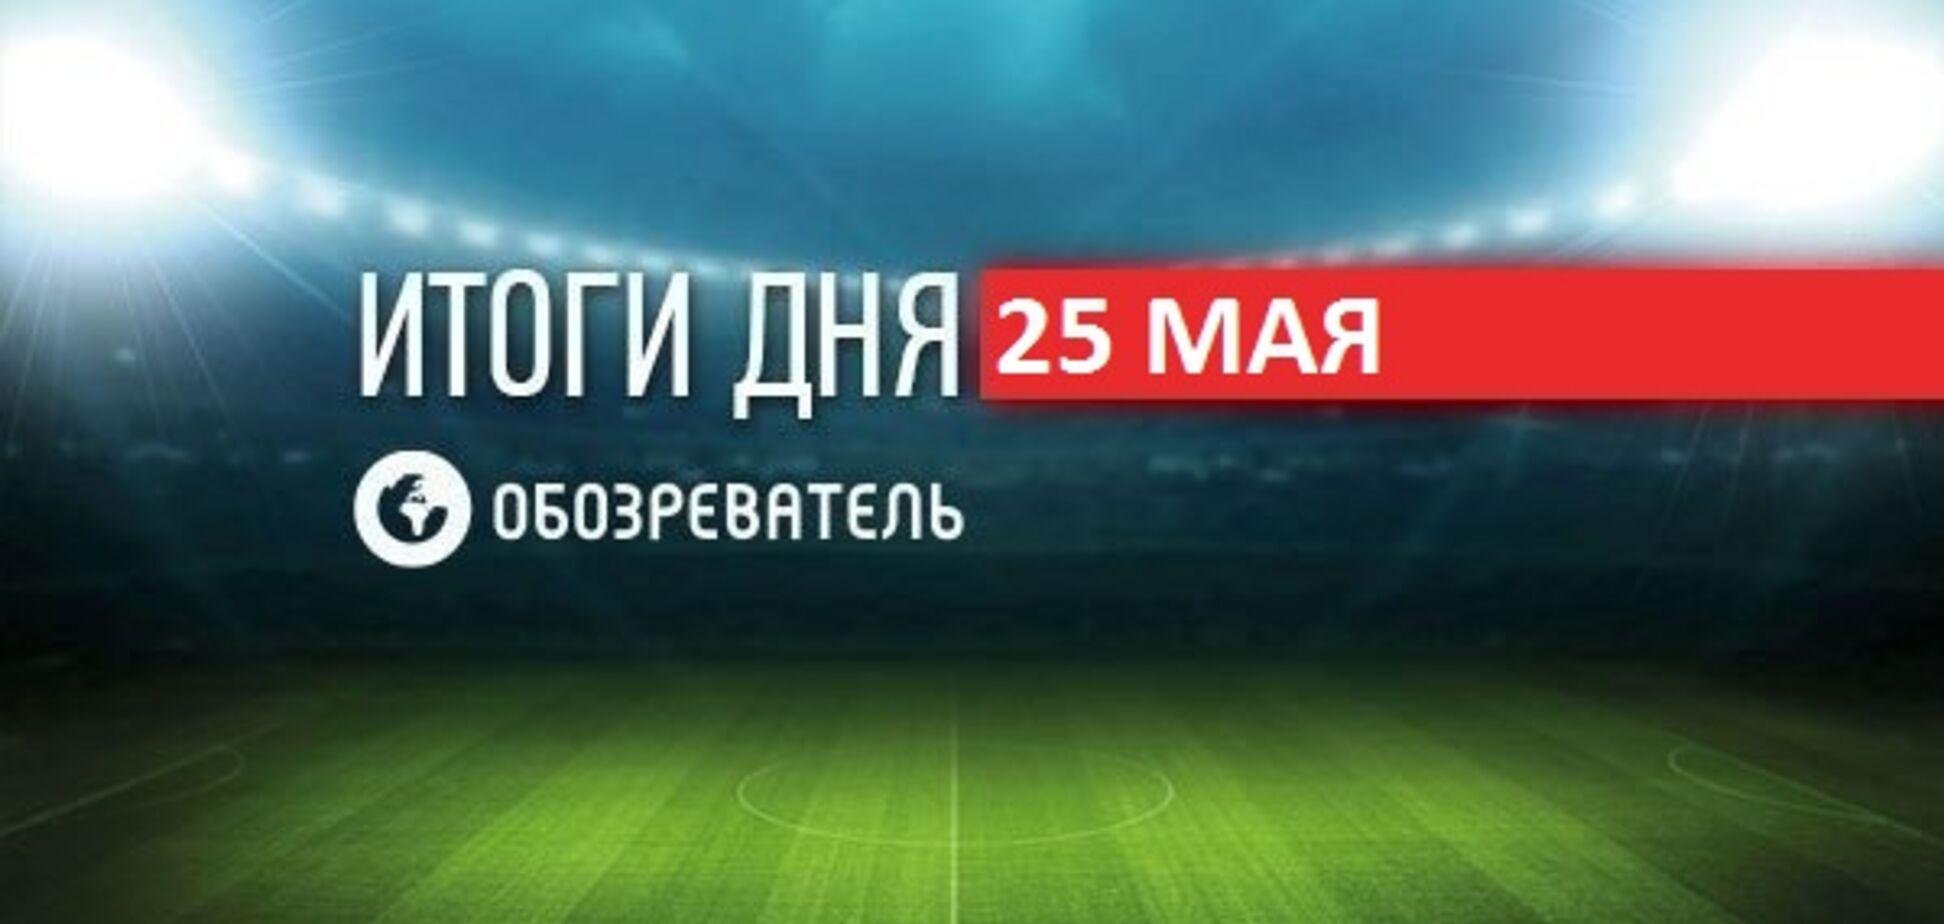 Названо помилку українців у скандалі з Усиком і Ломаченком: спортивні підсумки 25 травня